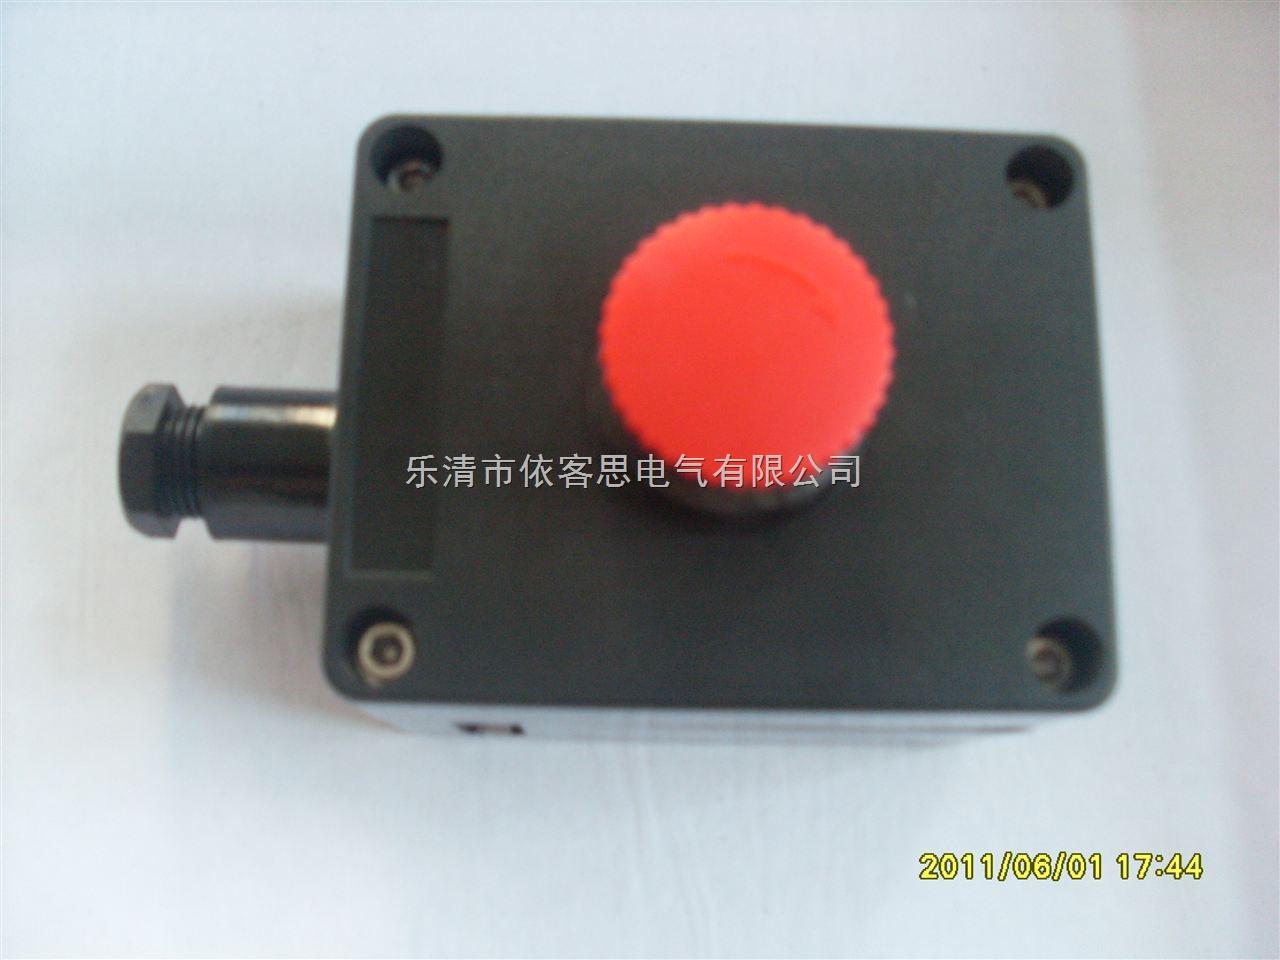 带急停防爆控制箱BZC8050-A1,急停按钮盒BZC8030-A1